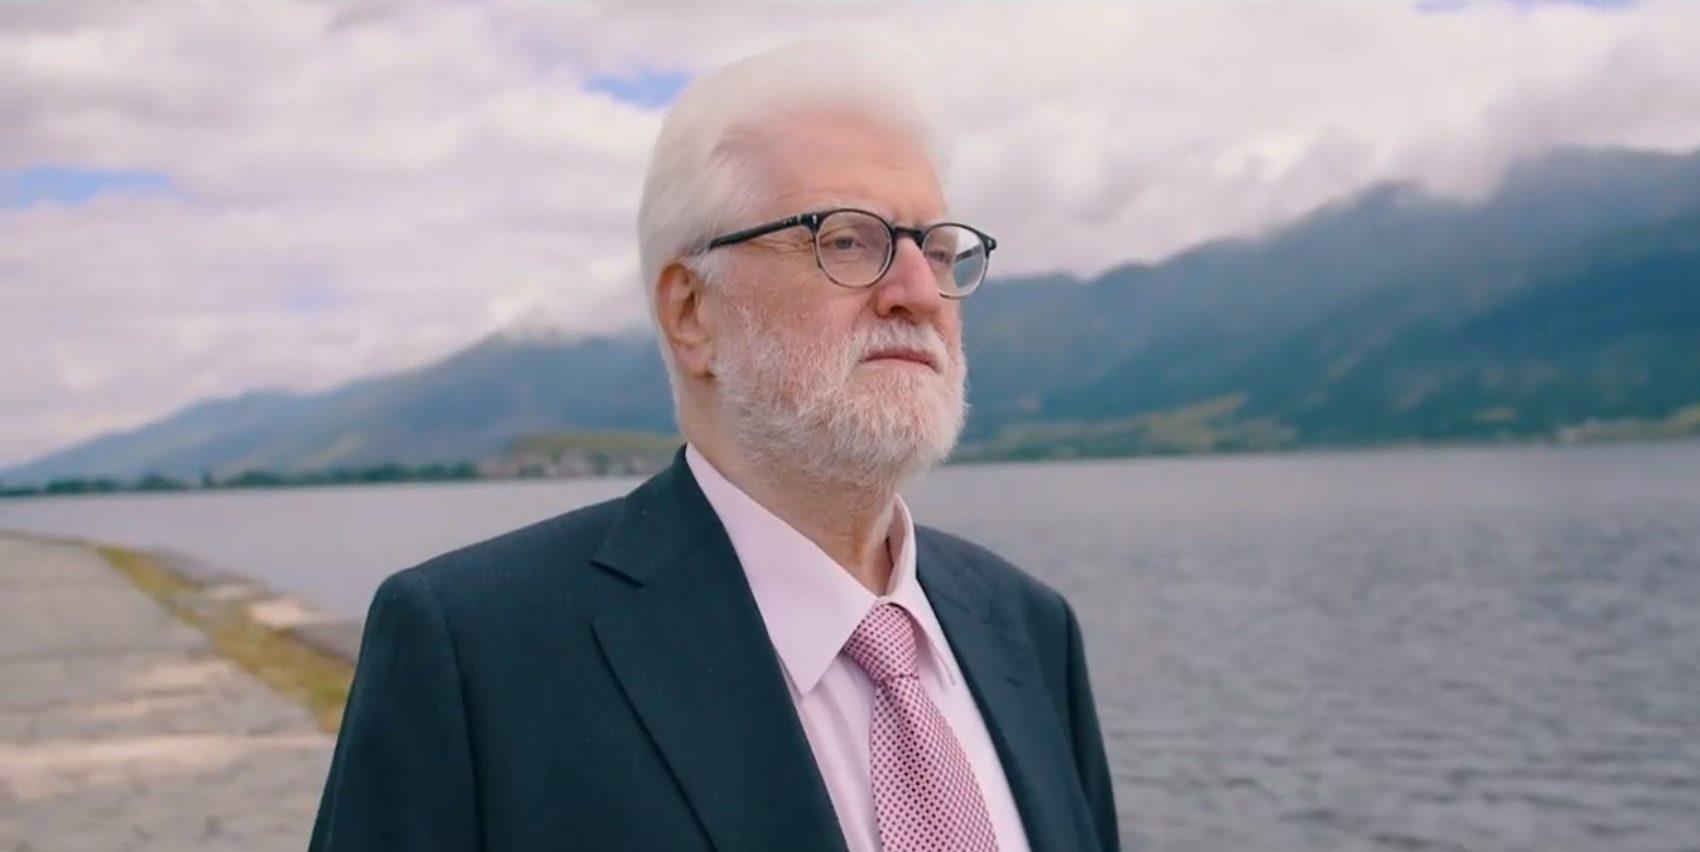 Απονομή του τίτλου του επίτιμου διδάκτορα της Ιατρικής Σχολής του ΕΚΠΑ στον καθηγητή του Πανεπιστημίου Ιωαννίνων και Δήμαρχο Ιωαννίνων κ. Μ. Ελισάφ